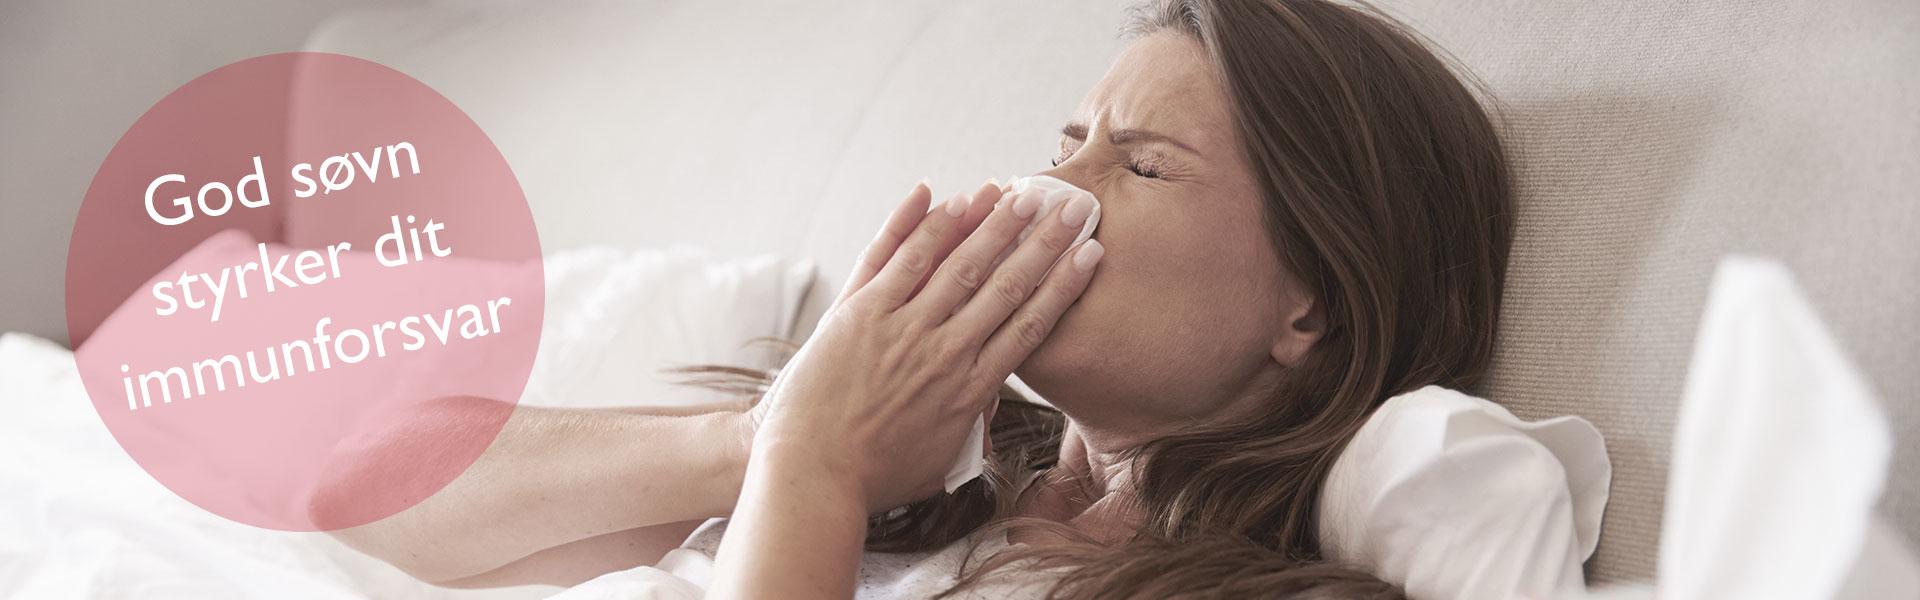 God søvn styrker immunforsvaret